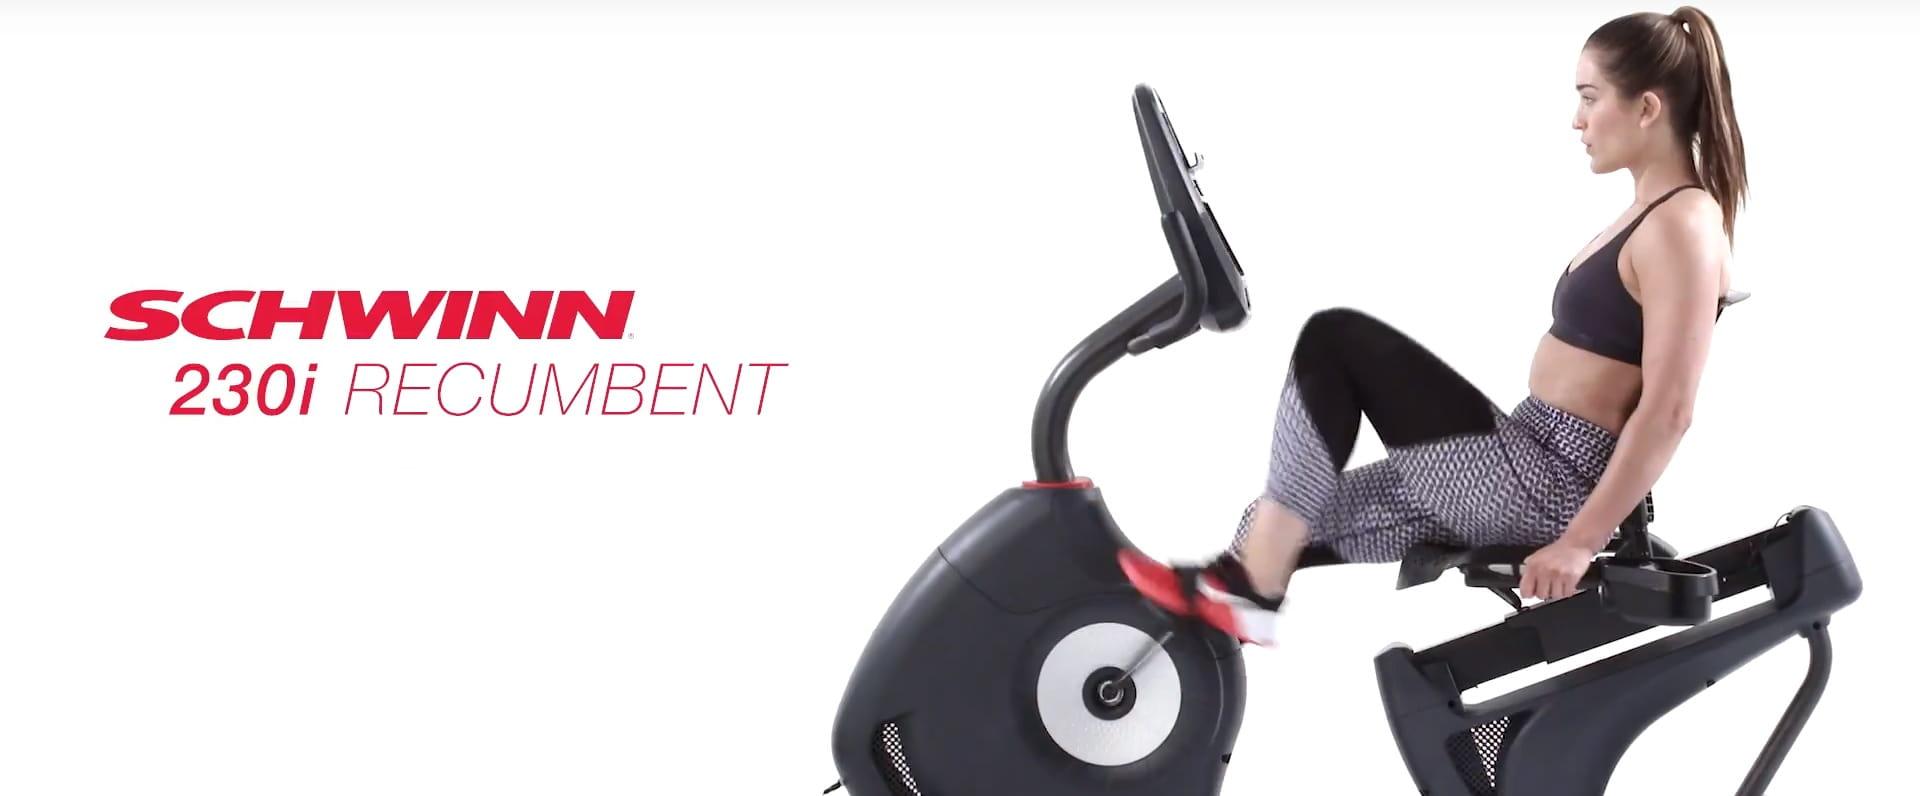 schwinn 230 recumbent bike reviews